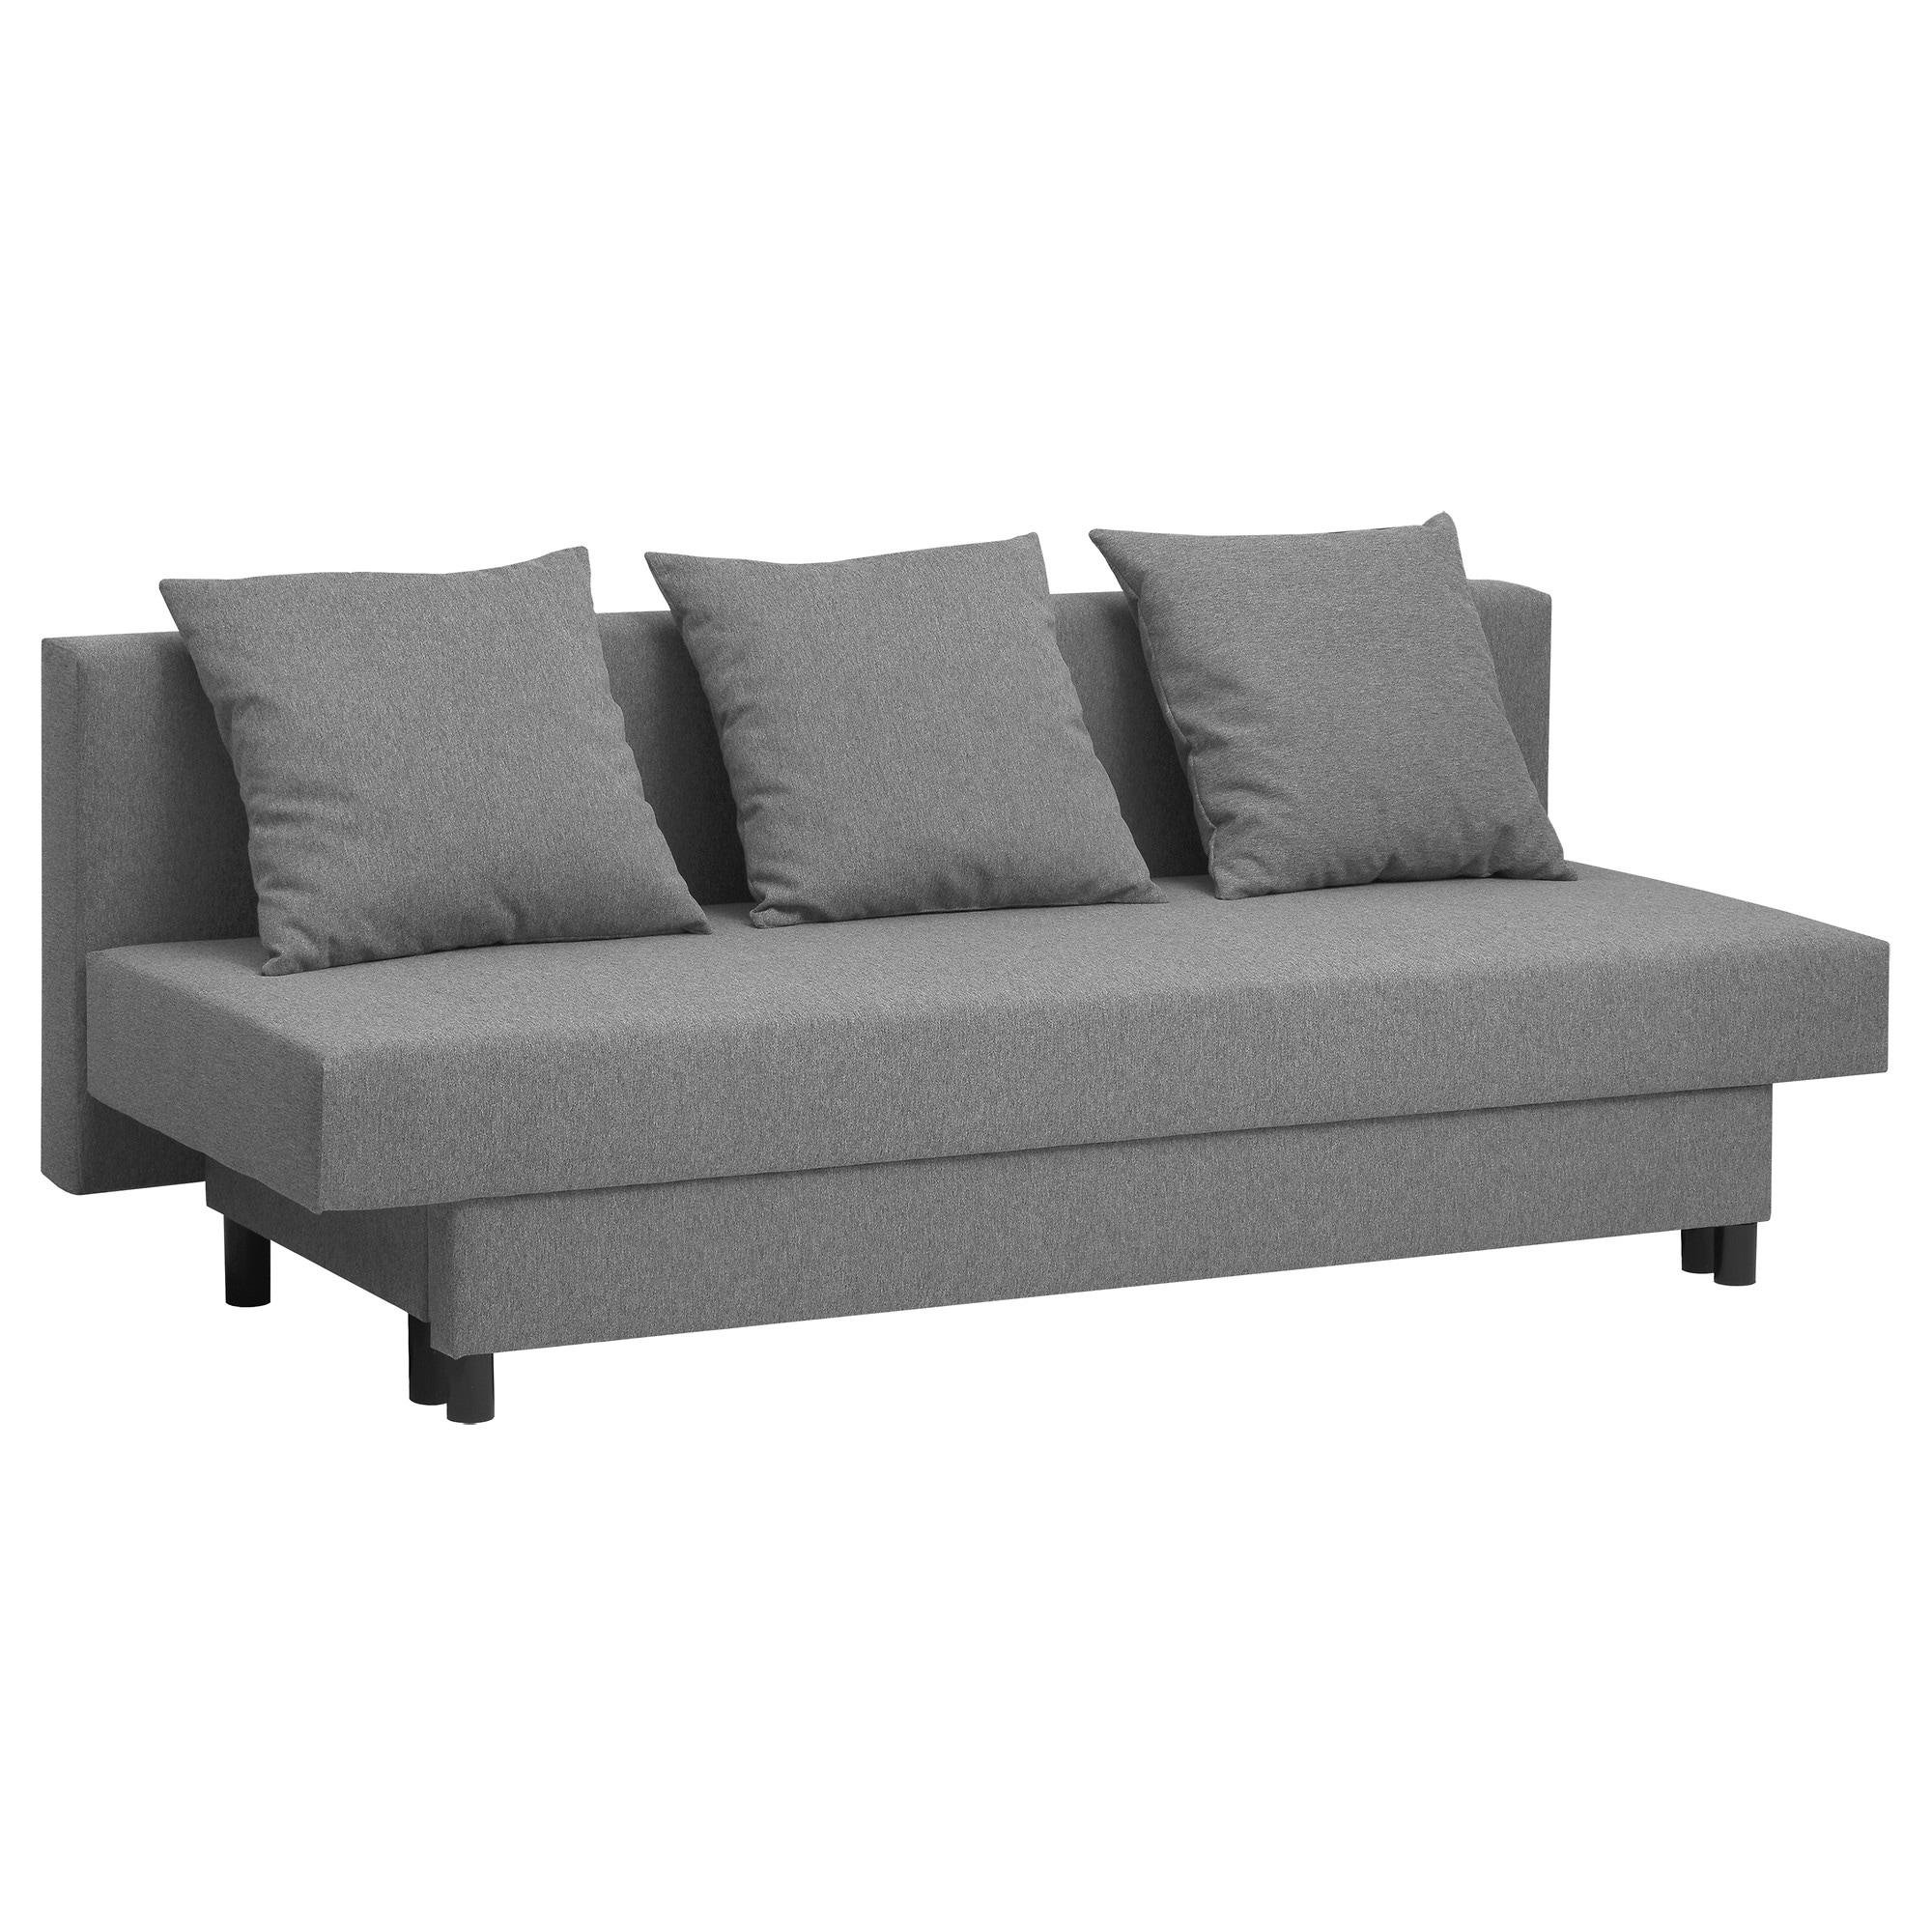 Sofa cama 2 plazas cheap sillon cama plazas automatico for Sofa cama de dos plazas ikea